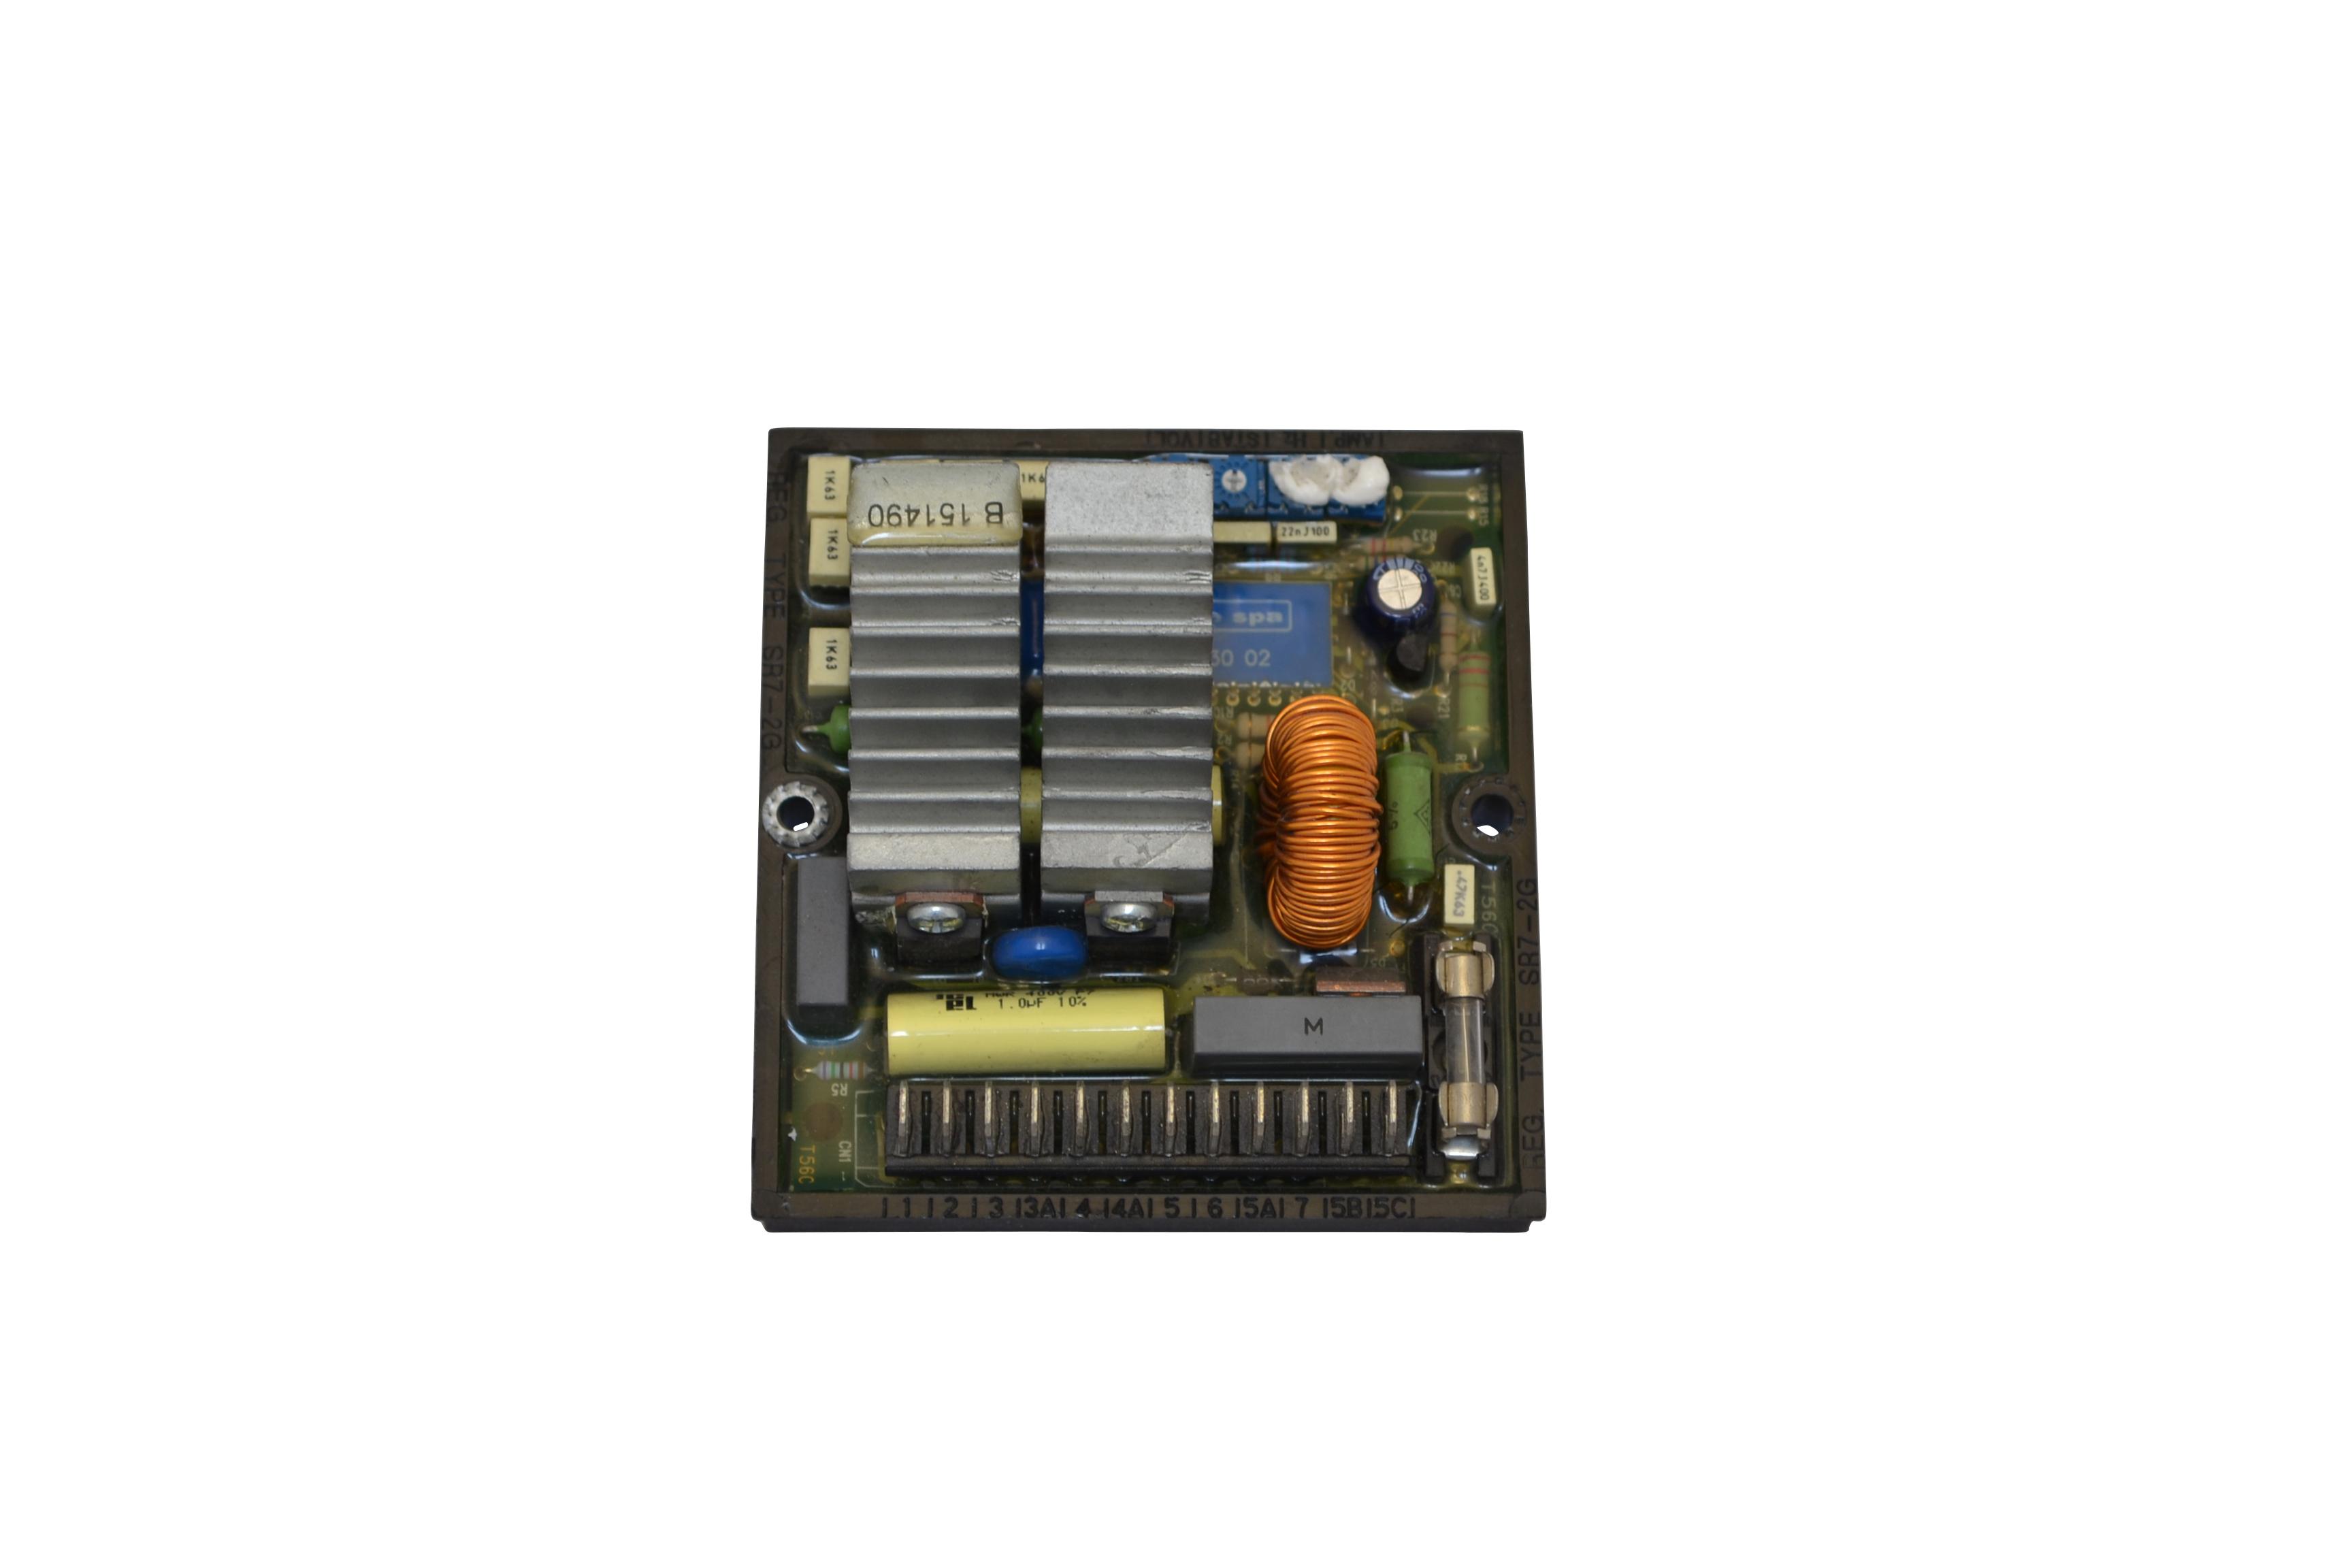 Basler Transformer Wiring Diagram : Mecc alte wiring diagram get free image about